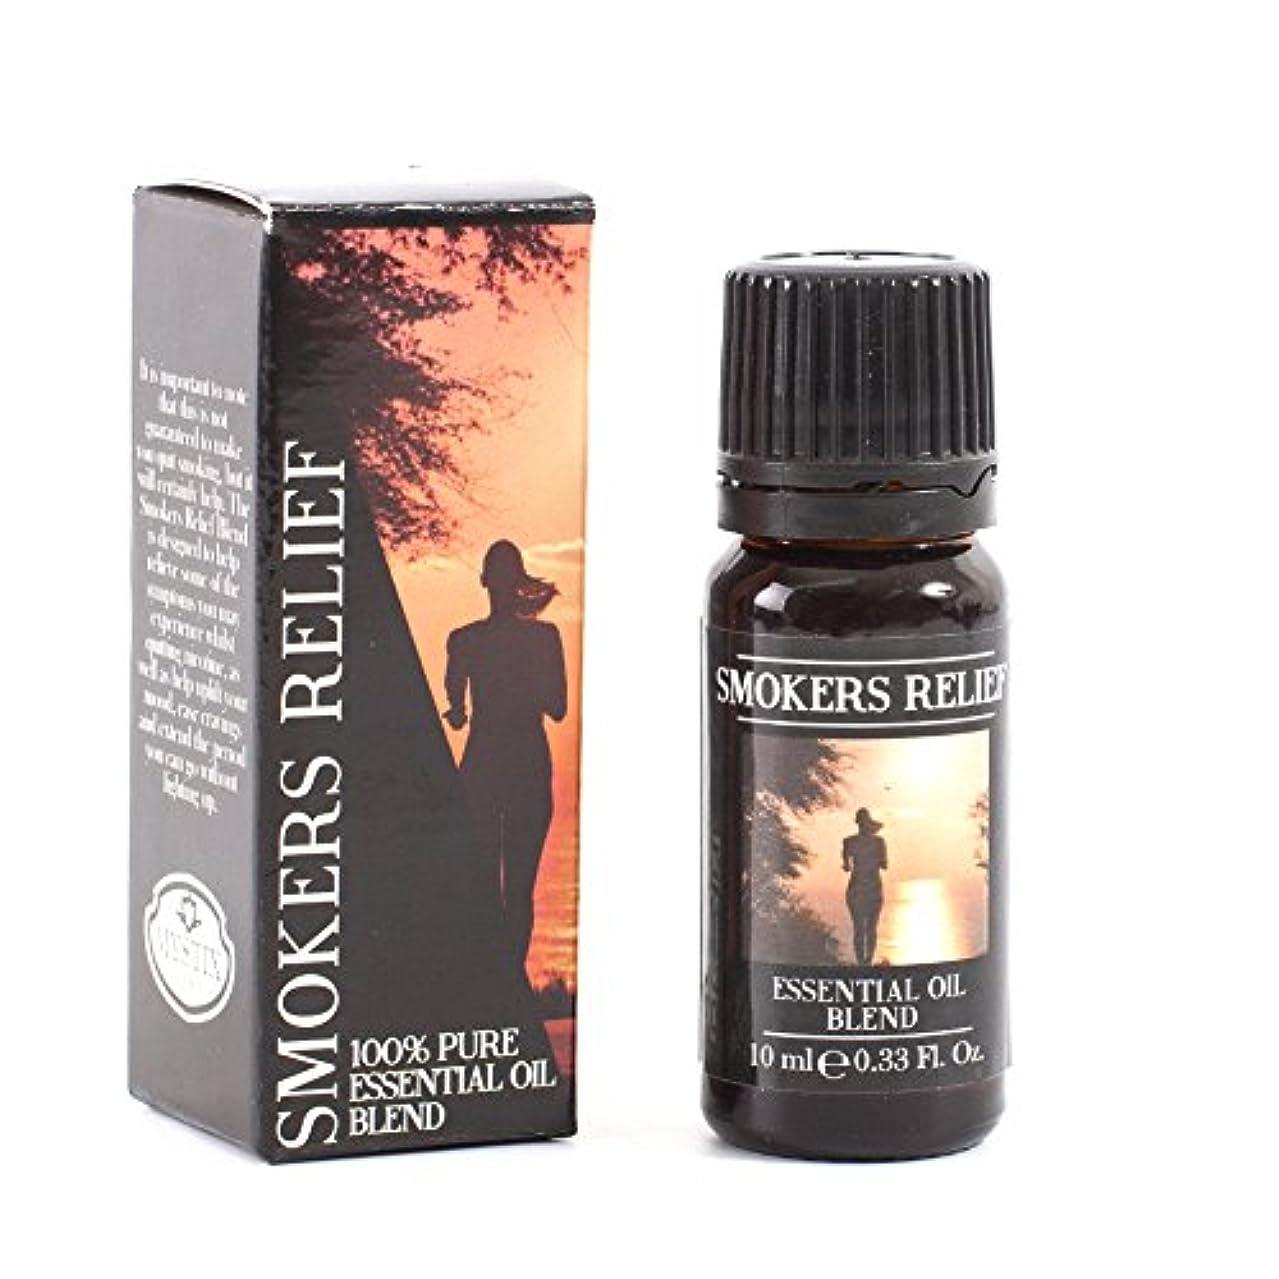 学校アーカイブ見てMystix London | Smokers Relief Essential Oil Blend - 10ml - 100% Pure